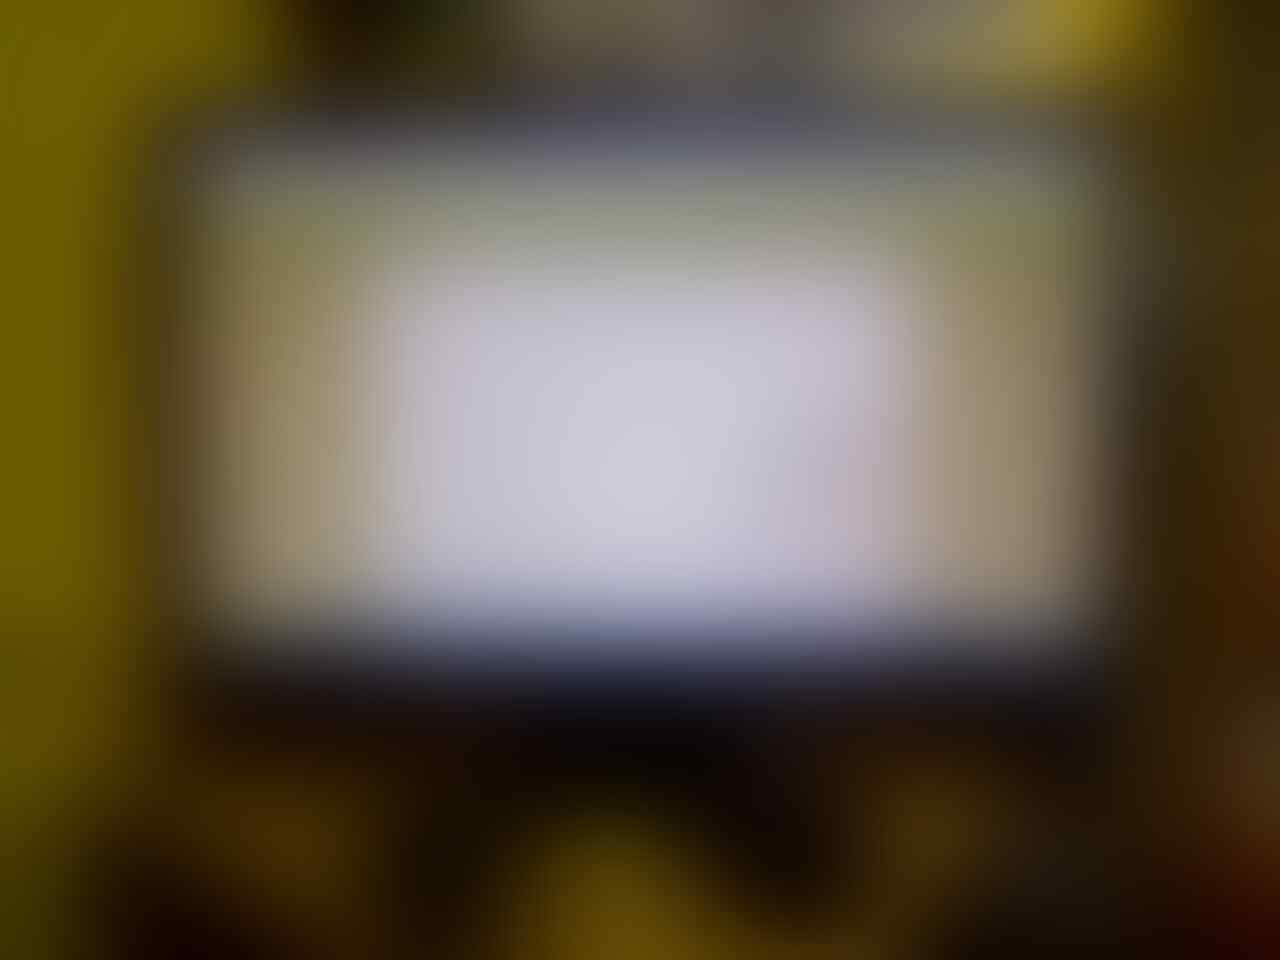 DIJUAL KOMPUTER DUAL CORE 2,8GHZ FULLSET LCD COMPAQ 21 INC MURAH